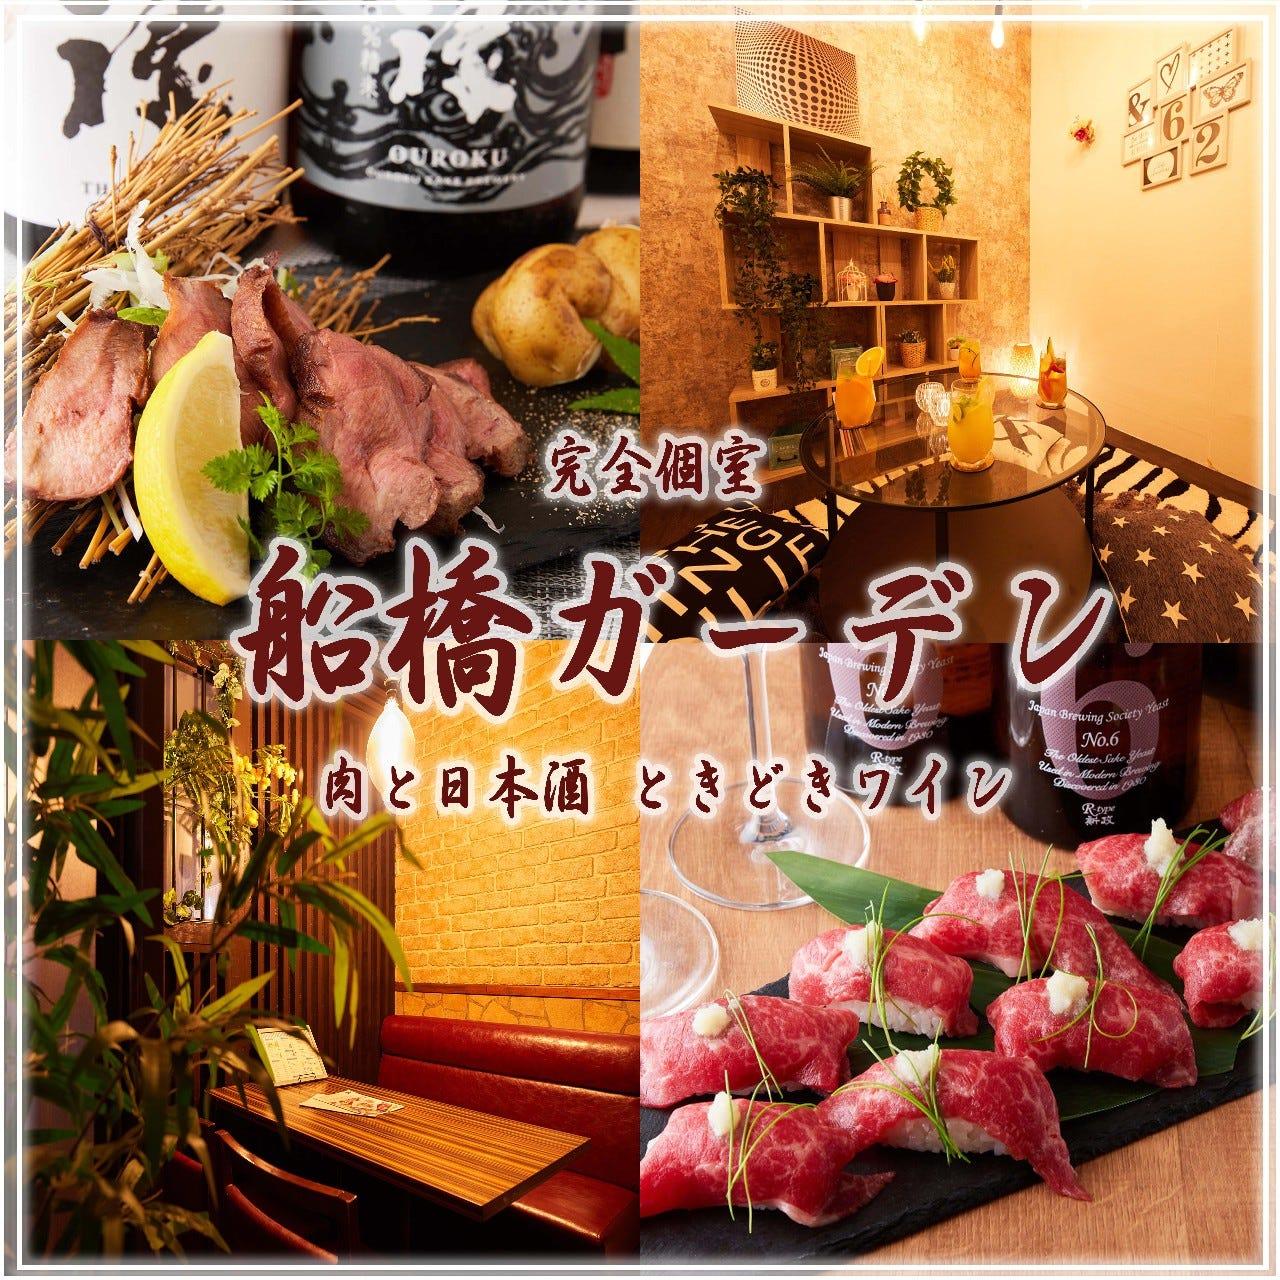 肉と日本酒 ときどきワイン 船橋ガーデン